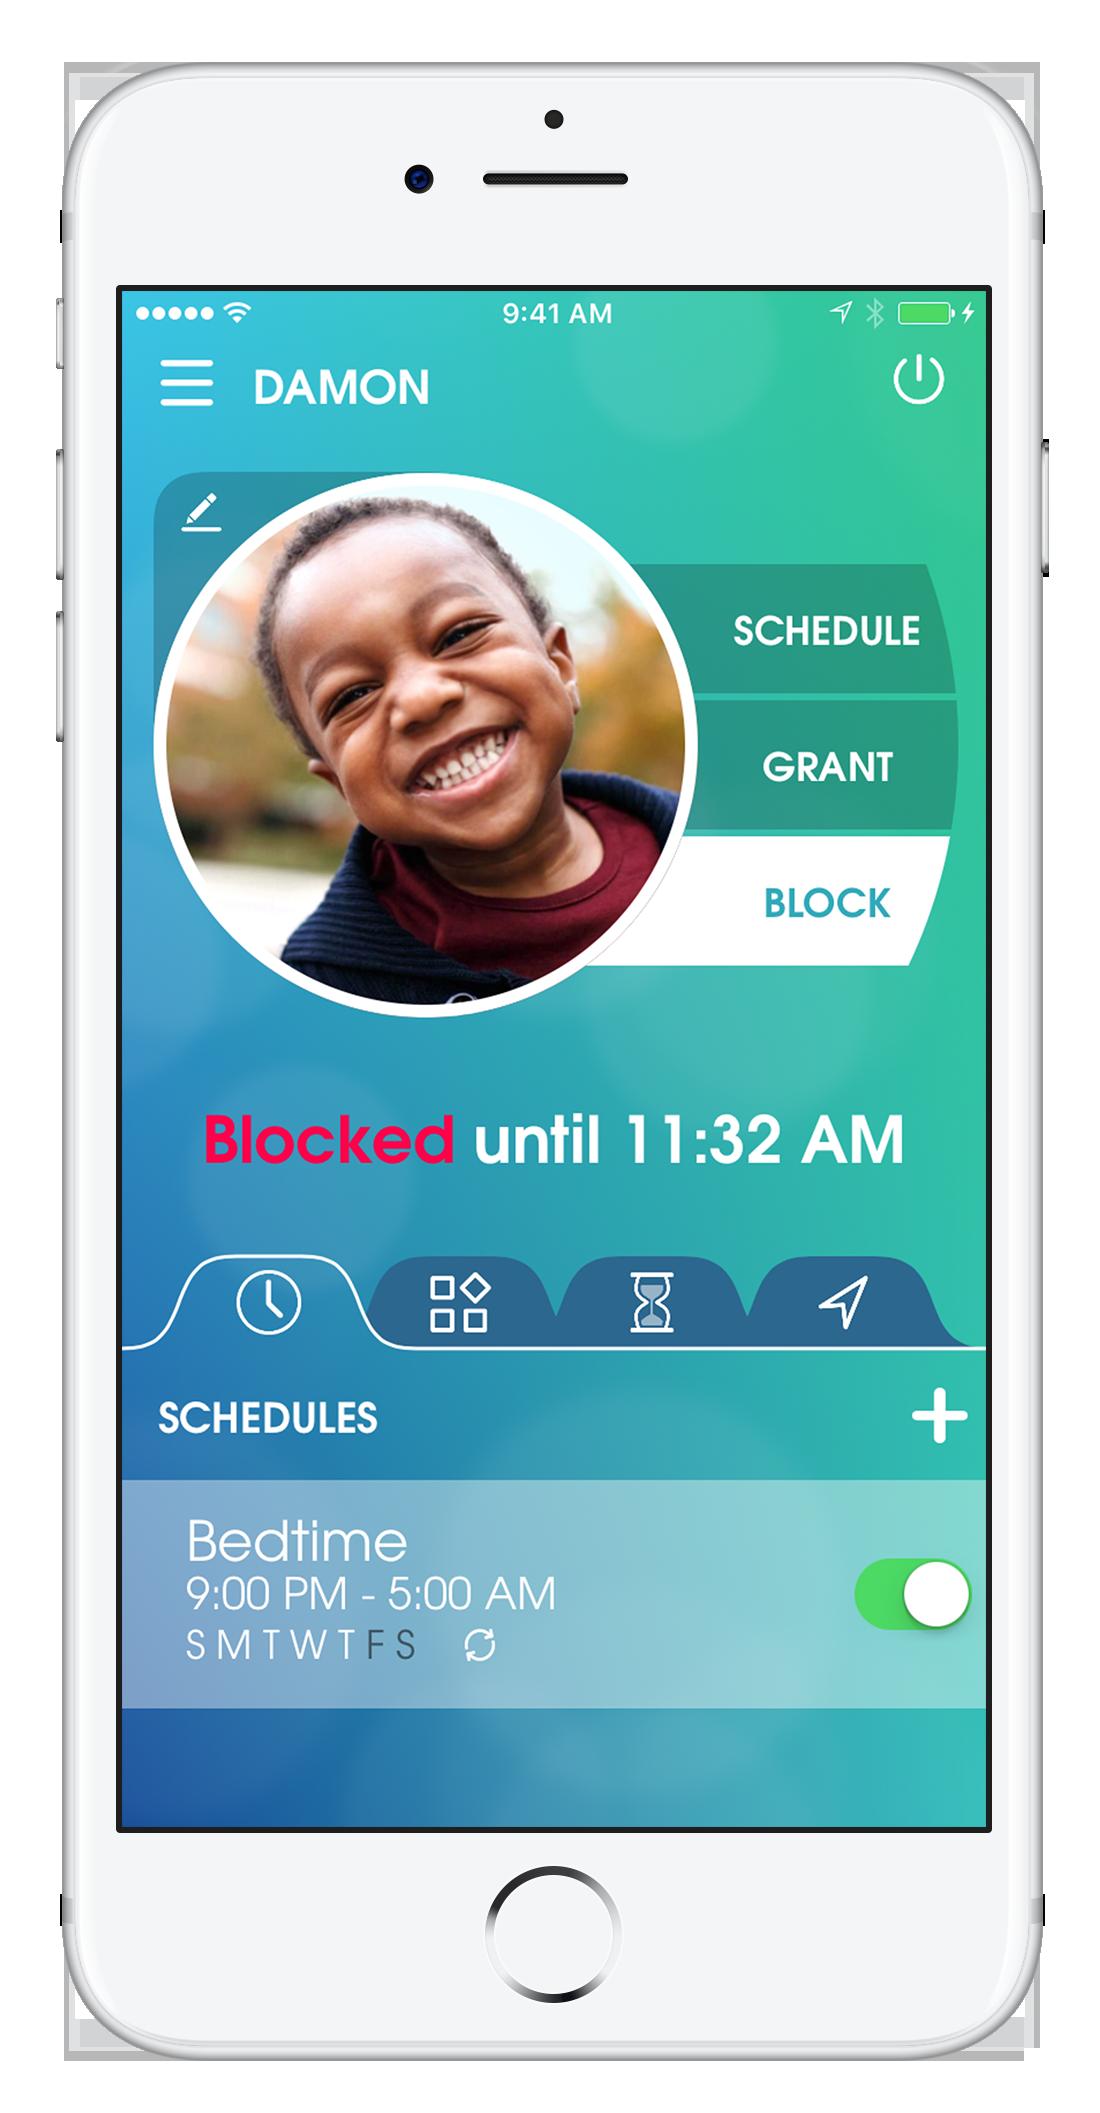 Apps parents should know about